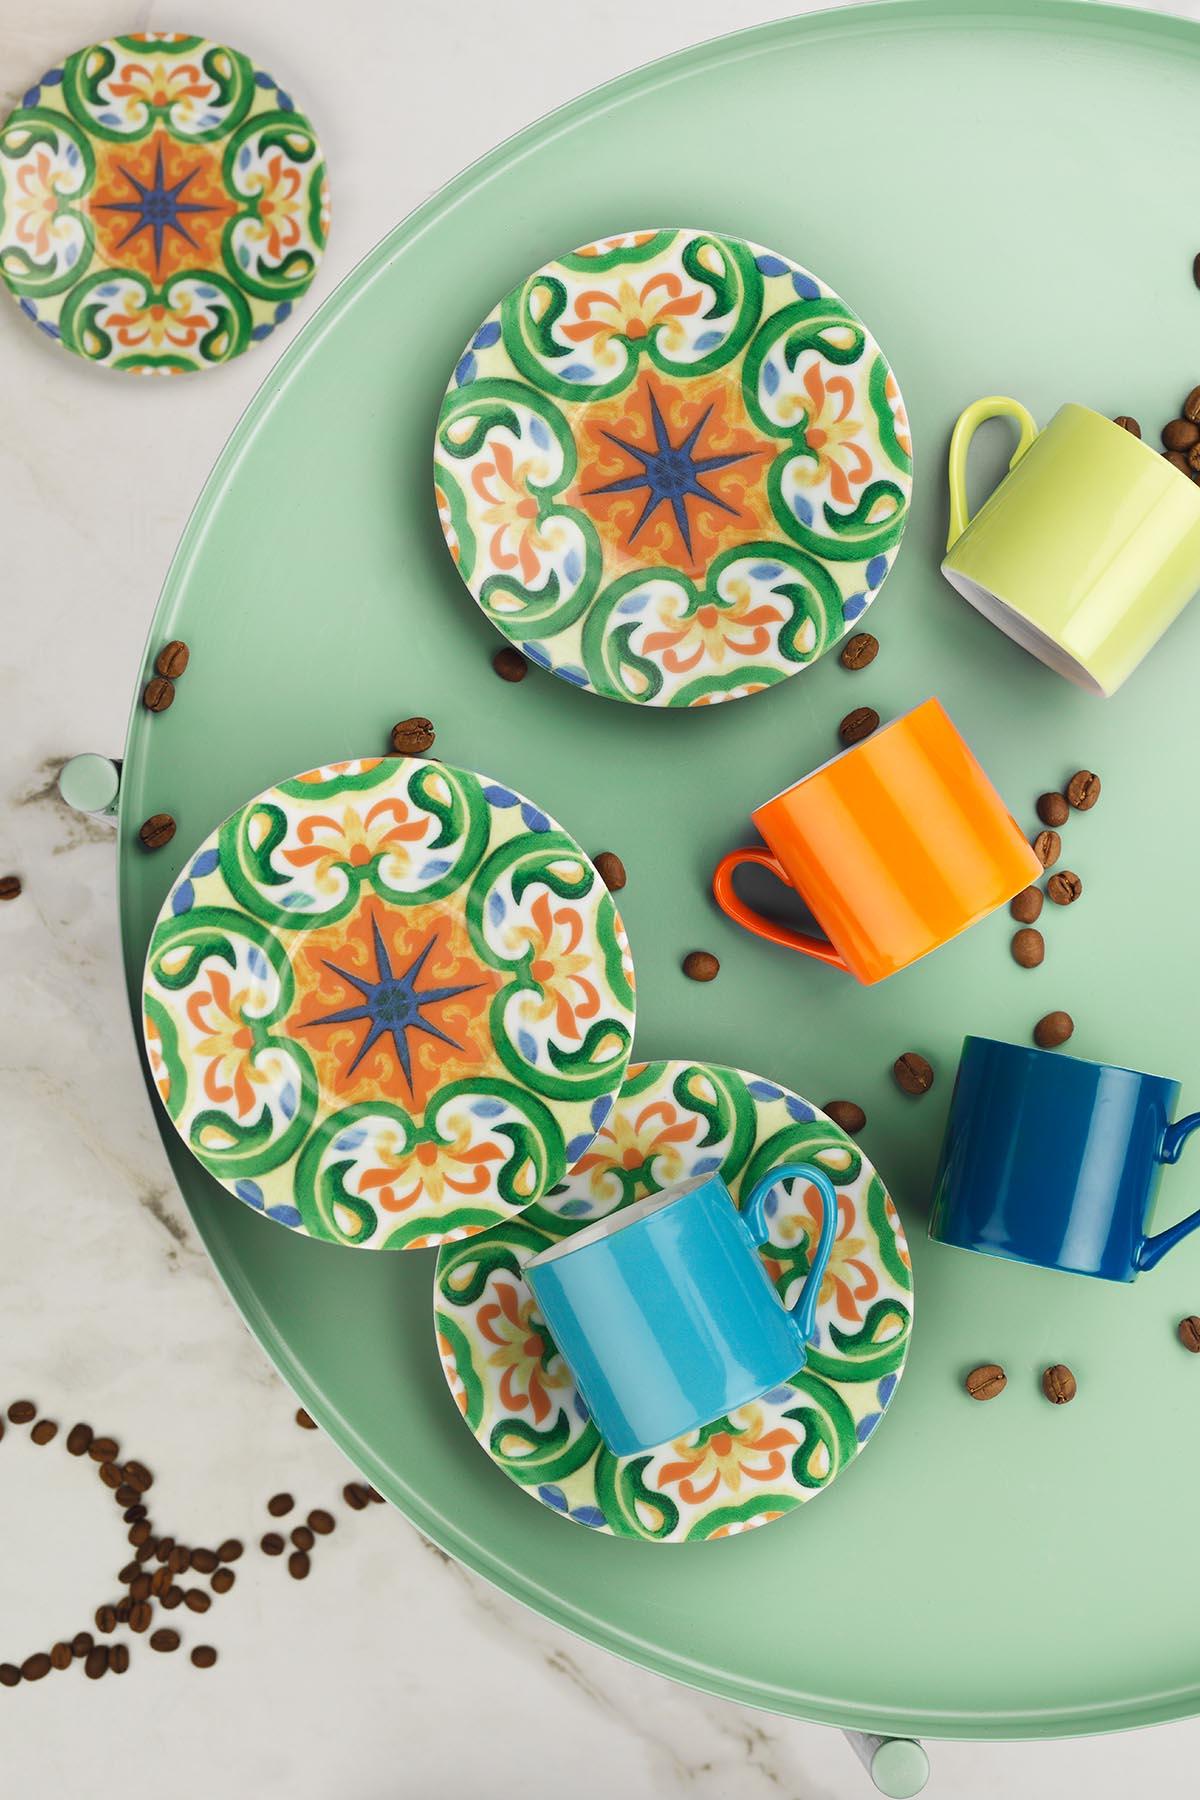 KÜTAHYA PORSELEN - Kütahya Porselen Rüya 8301 Desen Kahve Fincan Takımı